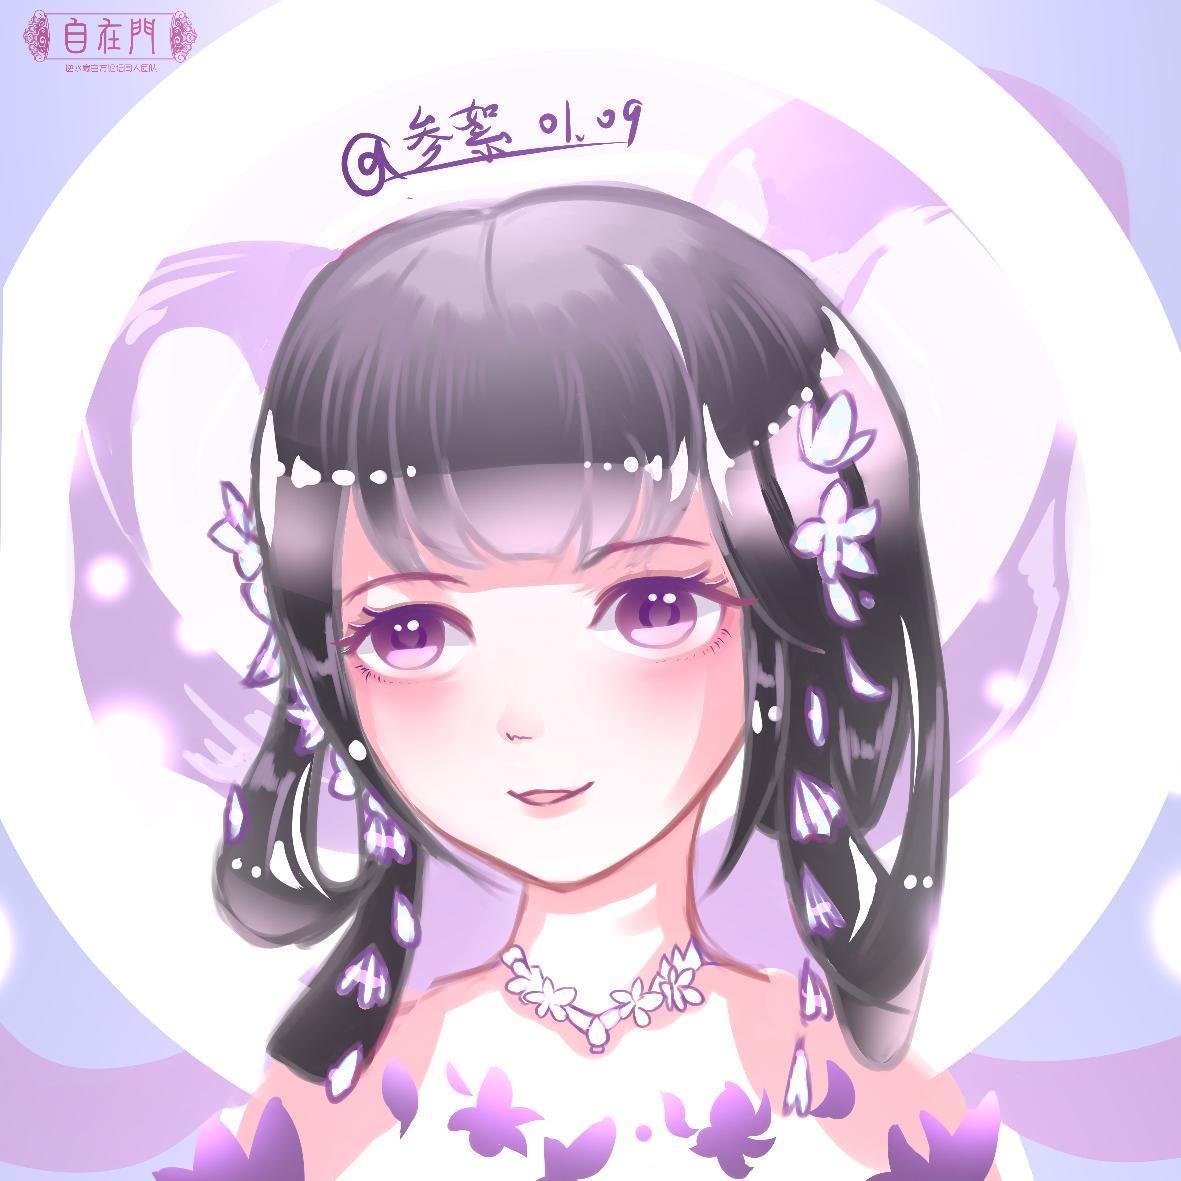 小白花小粉花小紫花(恩?),还是真香党心中的白月光啊。 【自在门】【手绘】